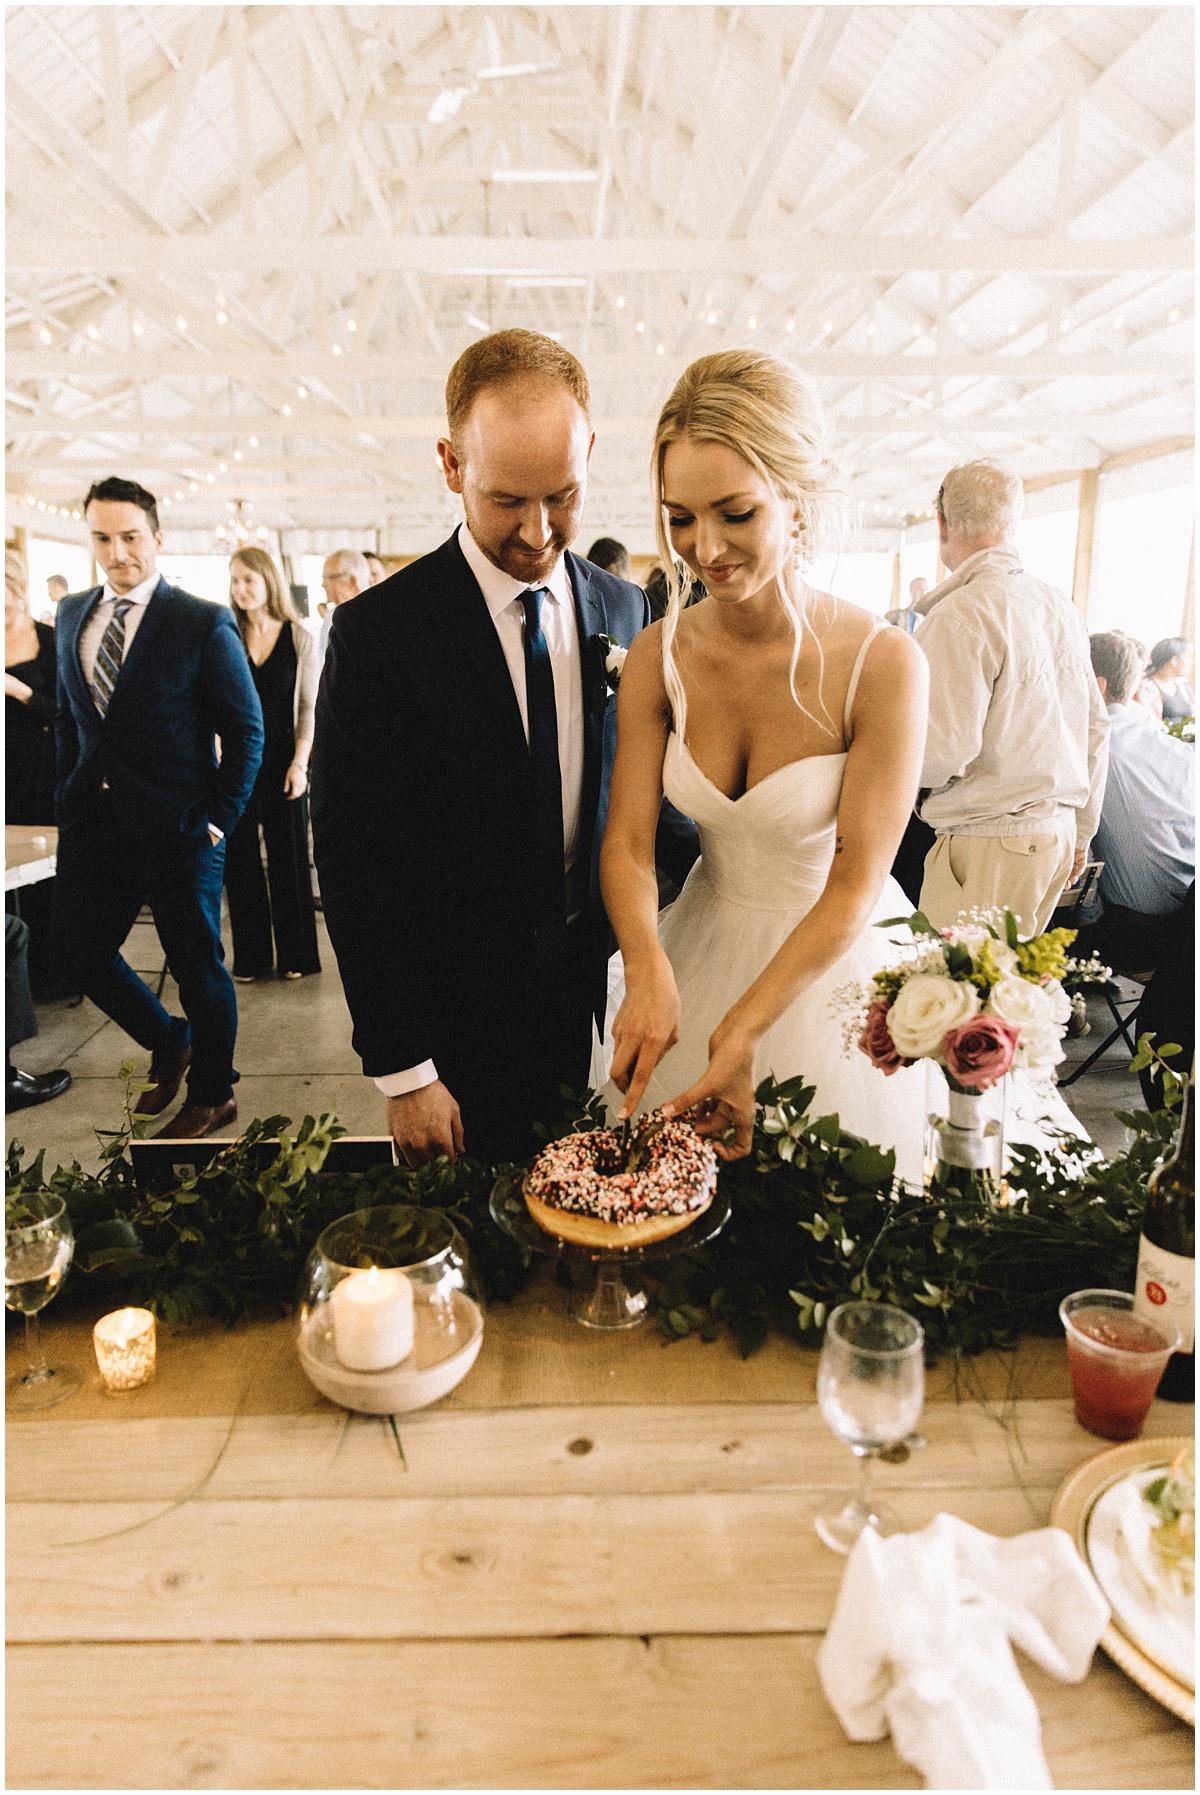 Emily + Ben Legacy Hill Farm Wedding_0378.jpg